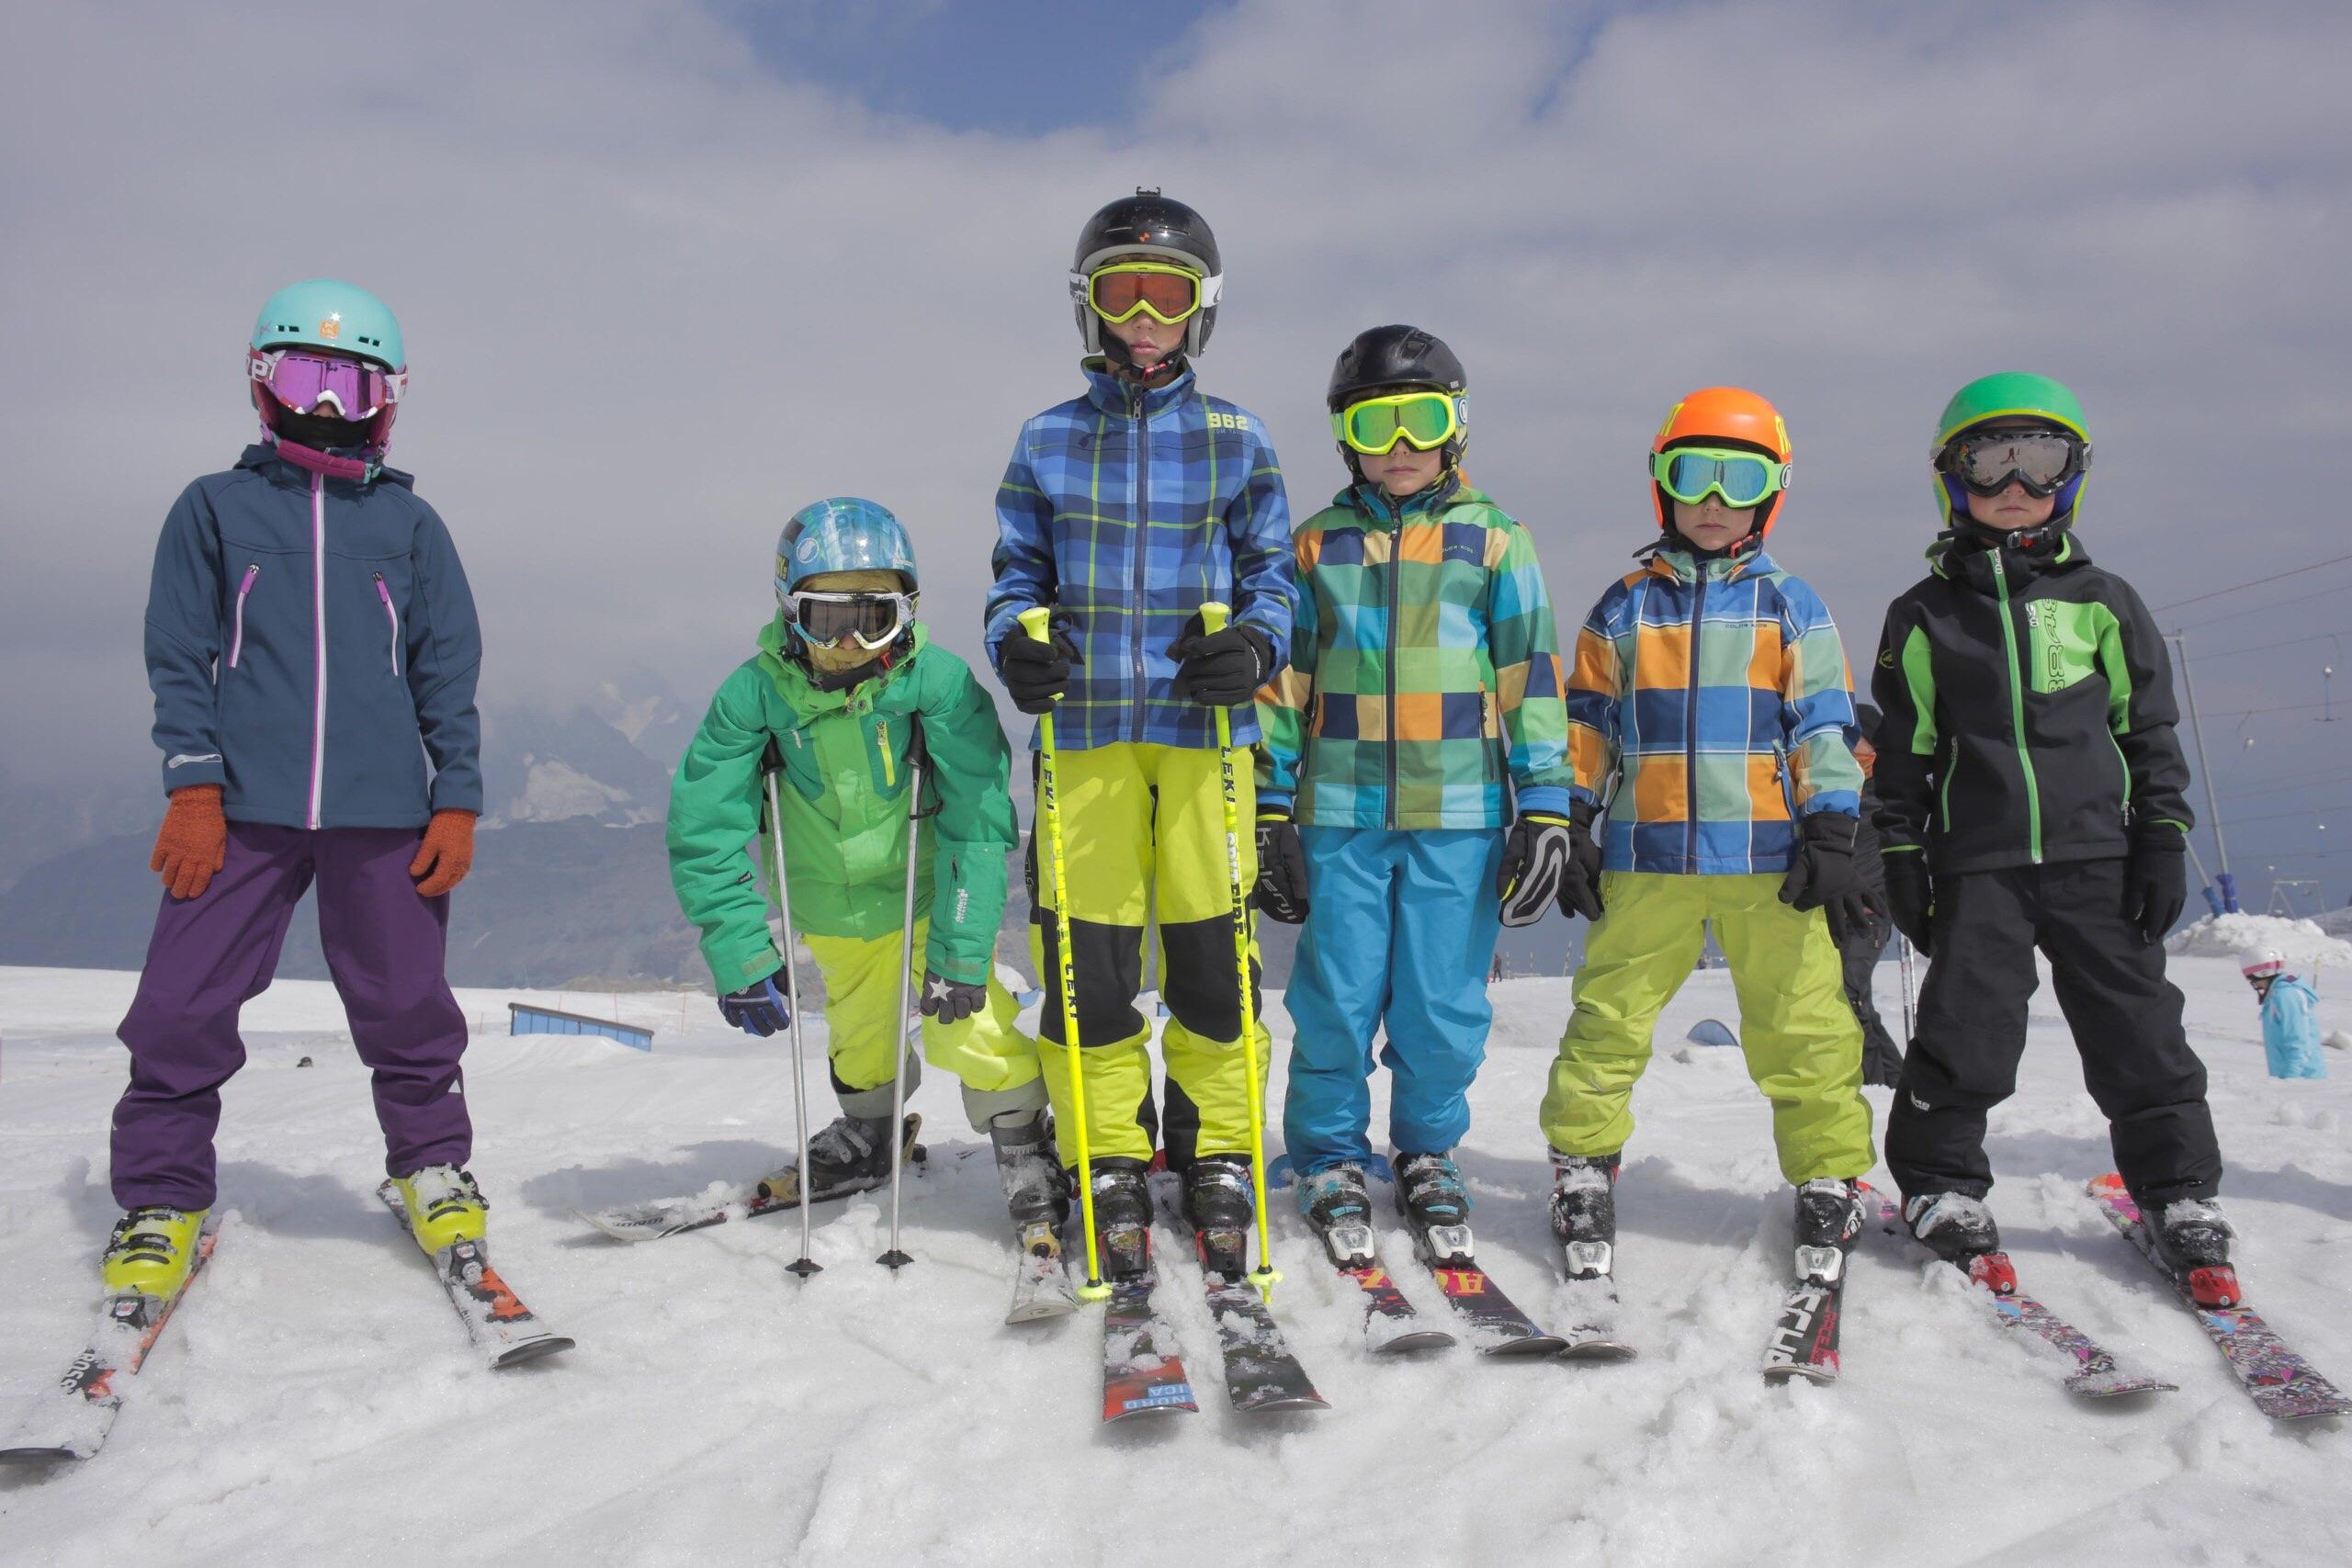 Как выбрать горнолыжное снаряжение: лыжи, палки, костюм, ботинки, шлем